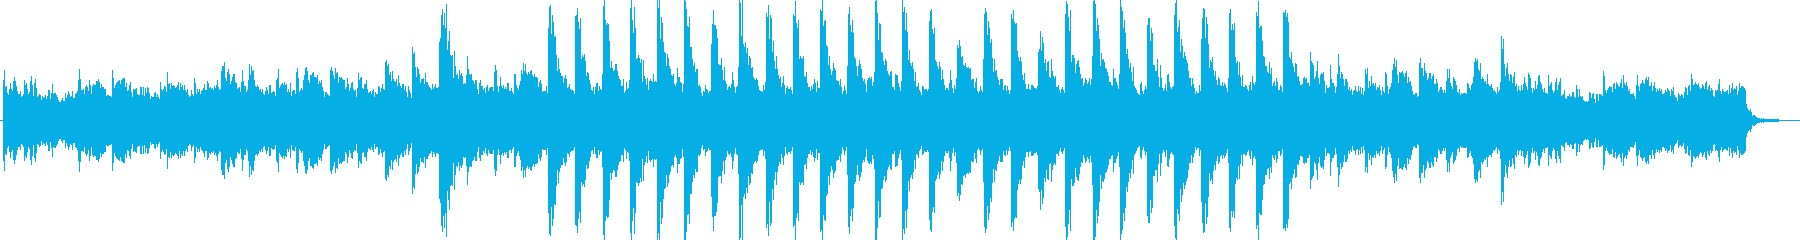 壮大なBGM1の再生済みの波形